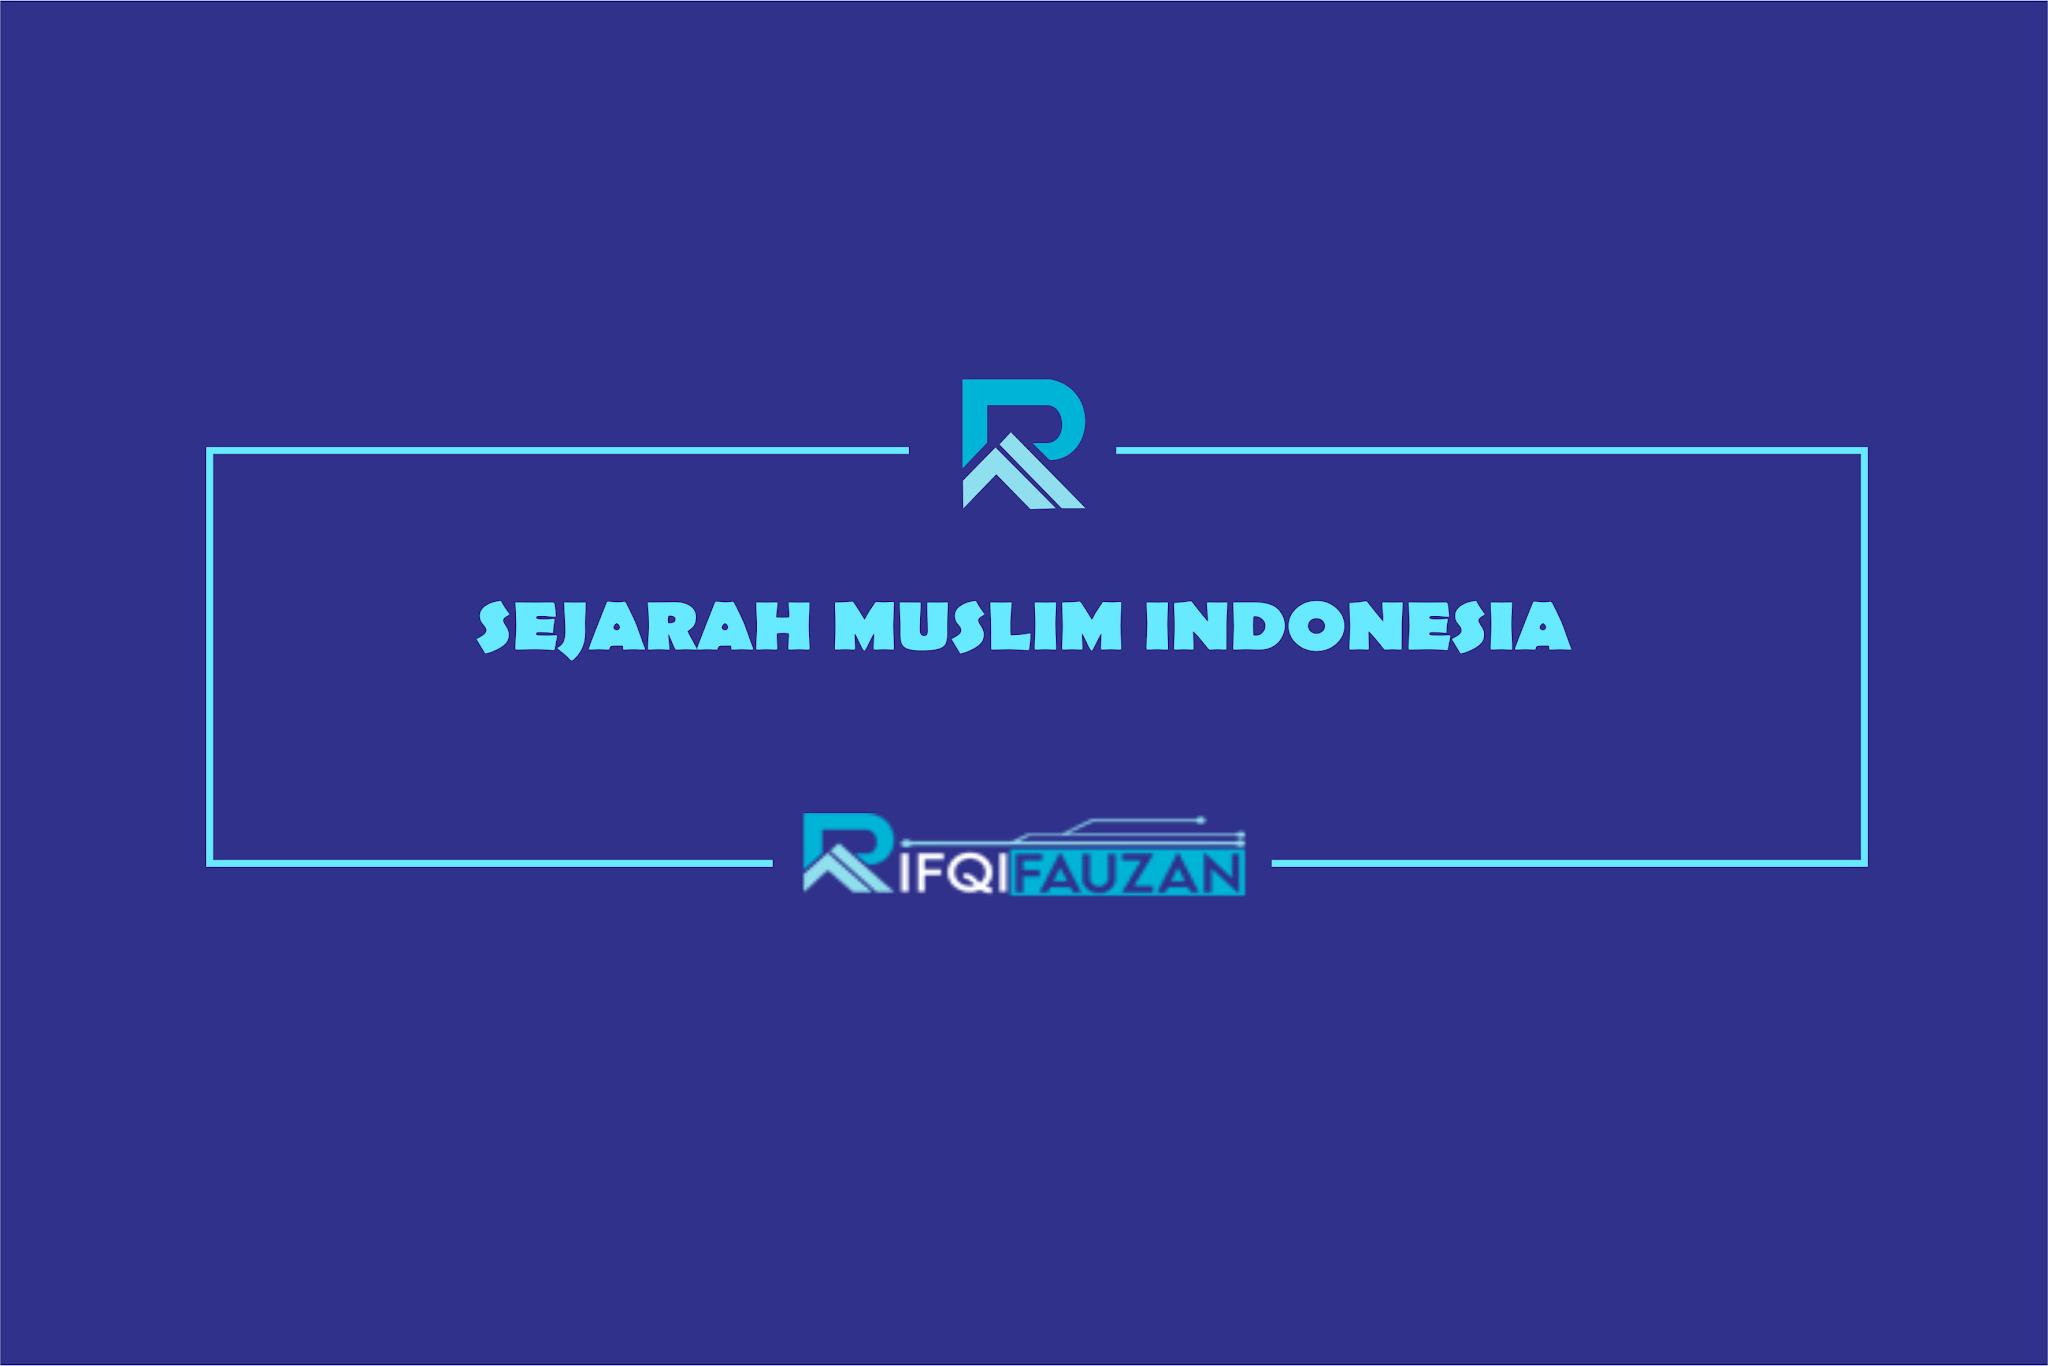 SEJARAH INDONESIA MEMILIKI POPULASI MASYARAKAT MUSLIM